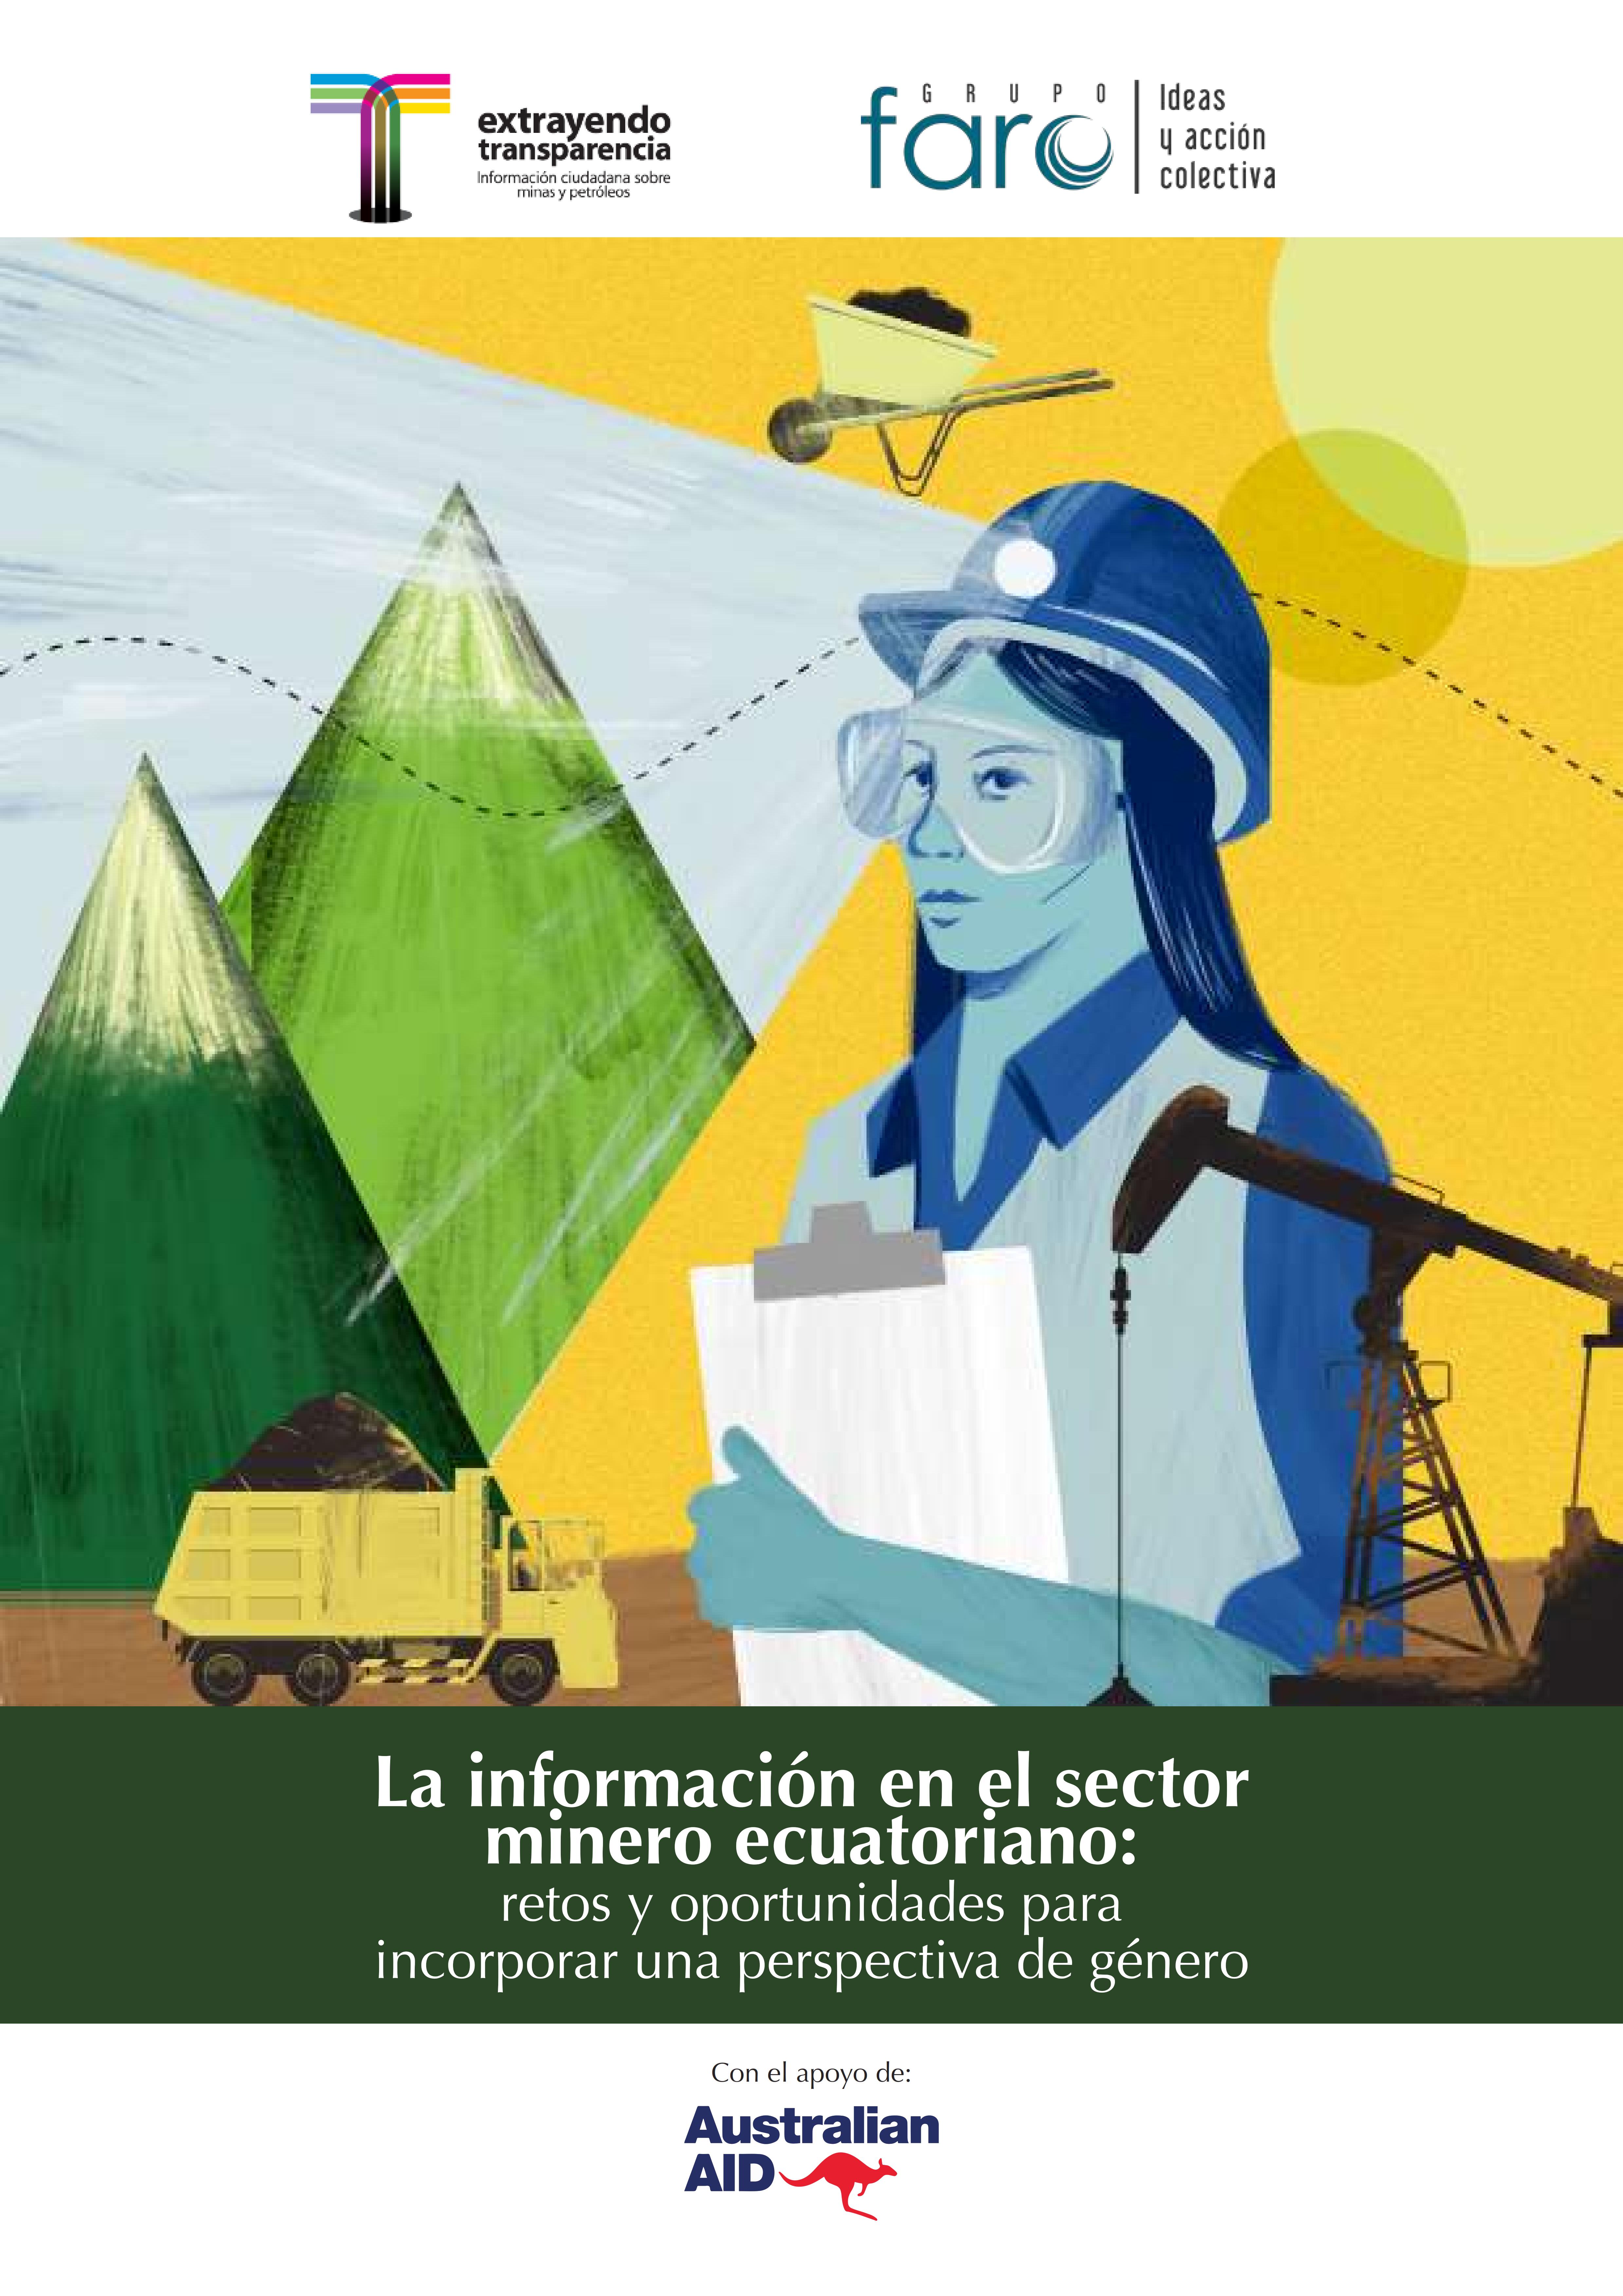 la_información_en_el_sector_minero_retos_y_oportunidades_perspectiva_género_001